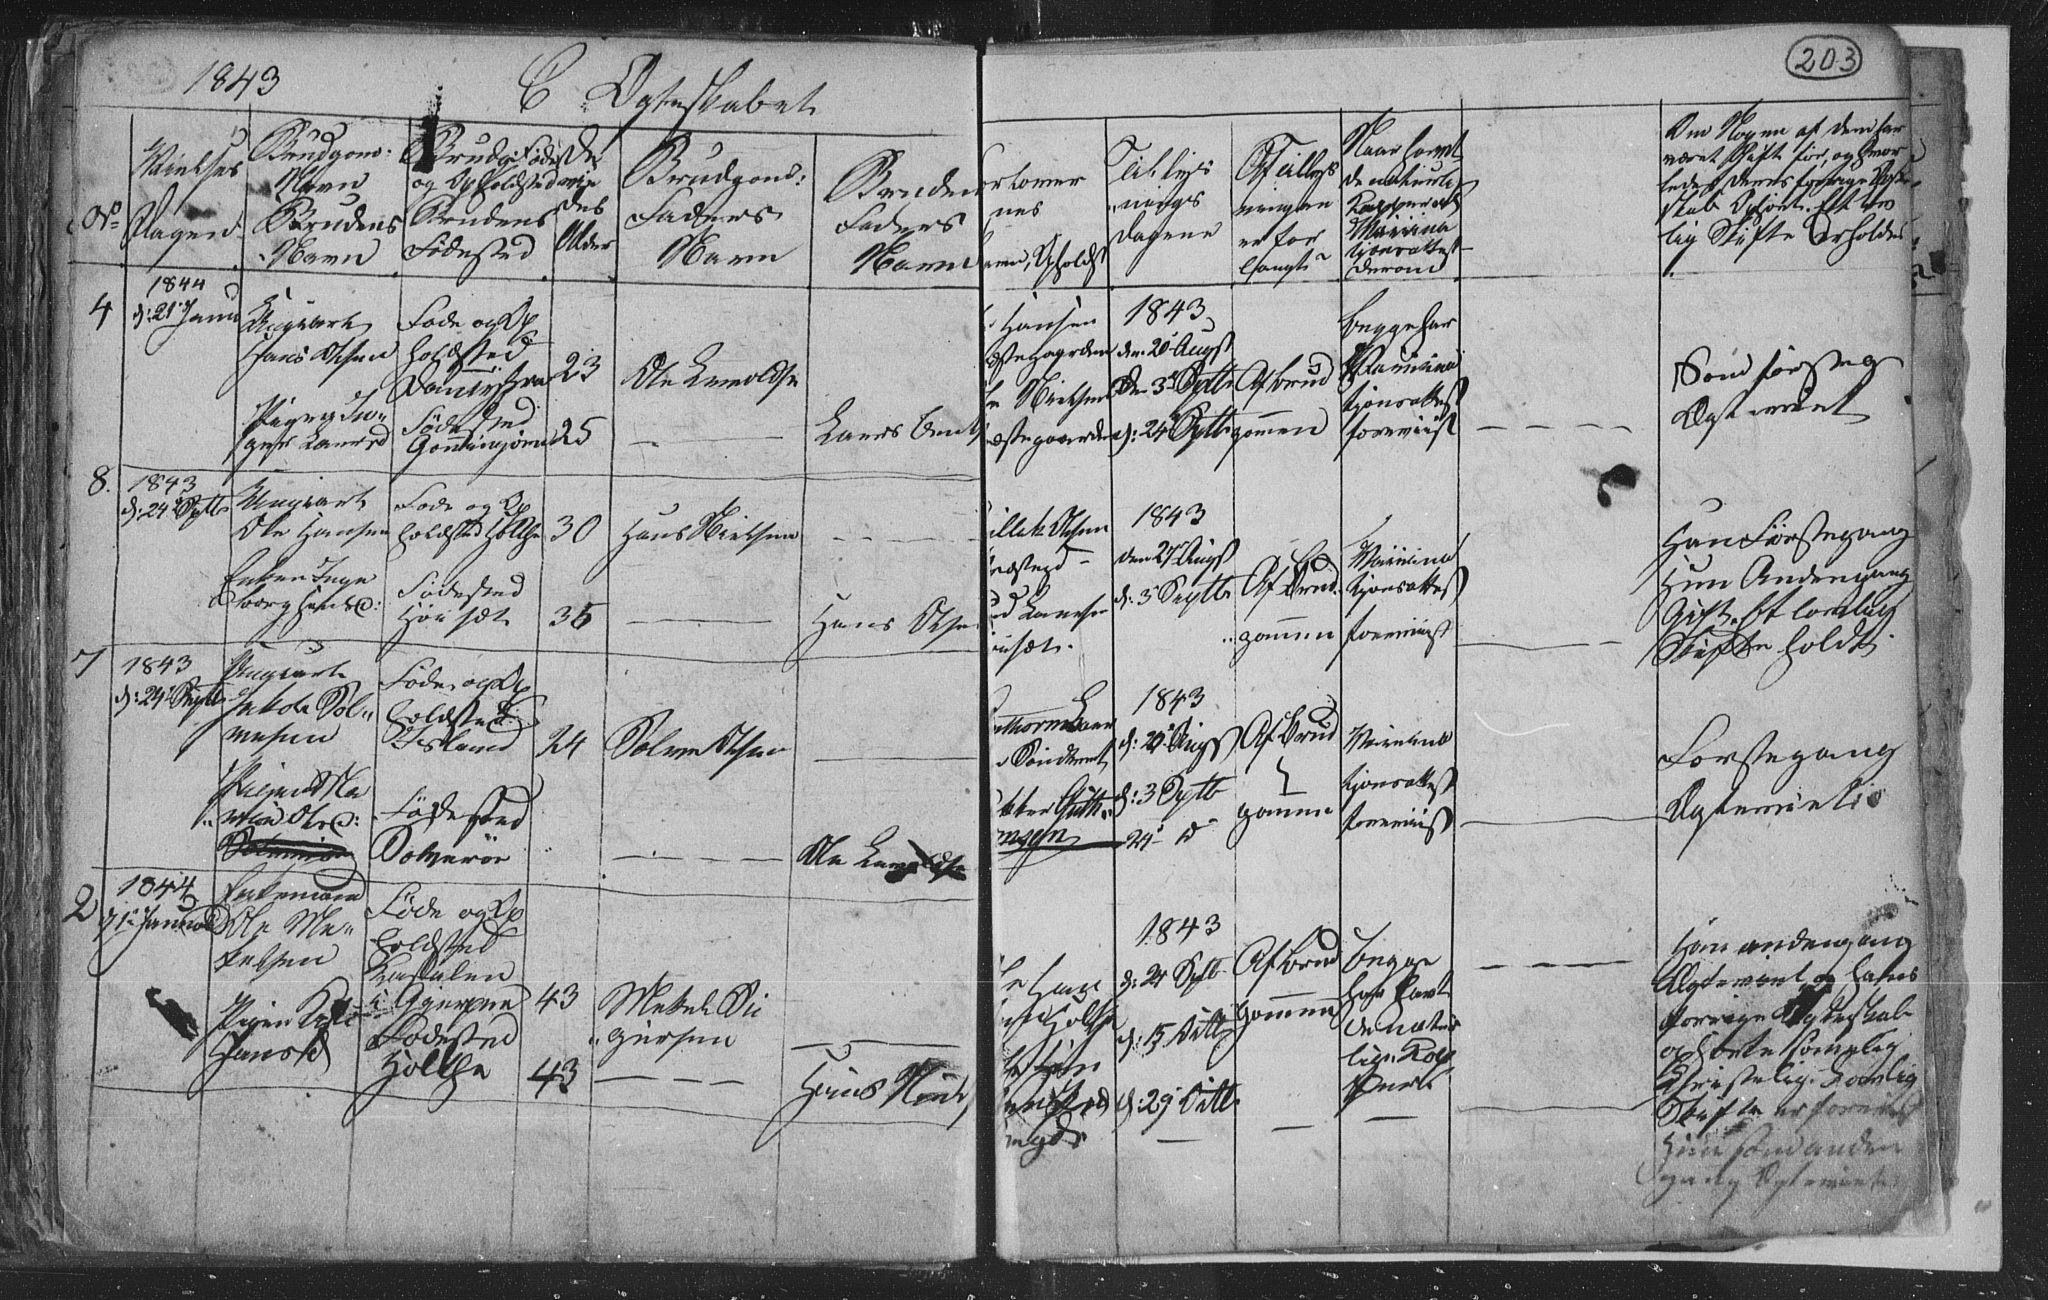 SAKO, Siljan kirkebøker, G/Ga/L0001: Klokkerbok nr. 1, 1827-1847, s. 203